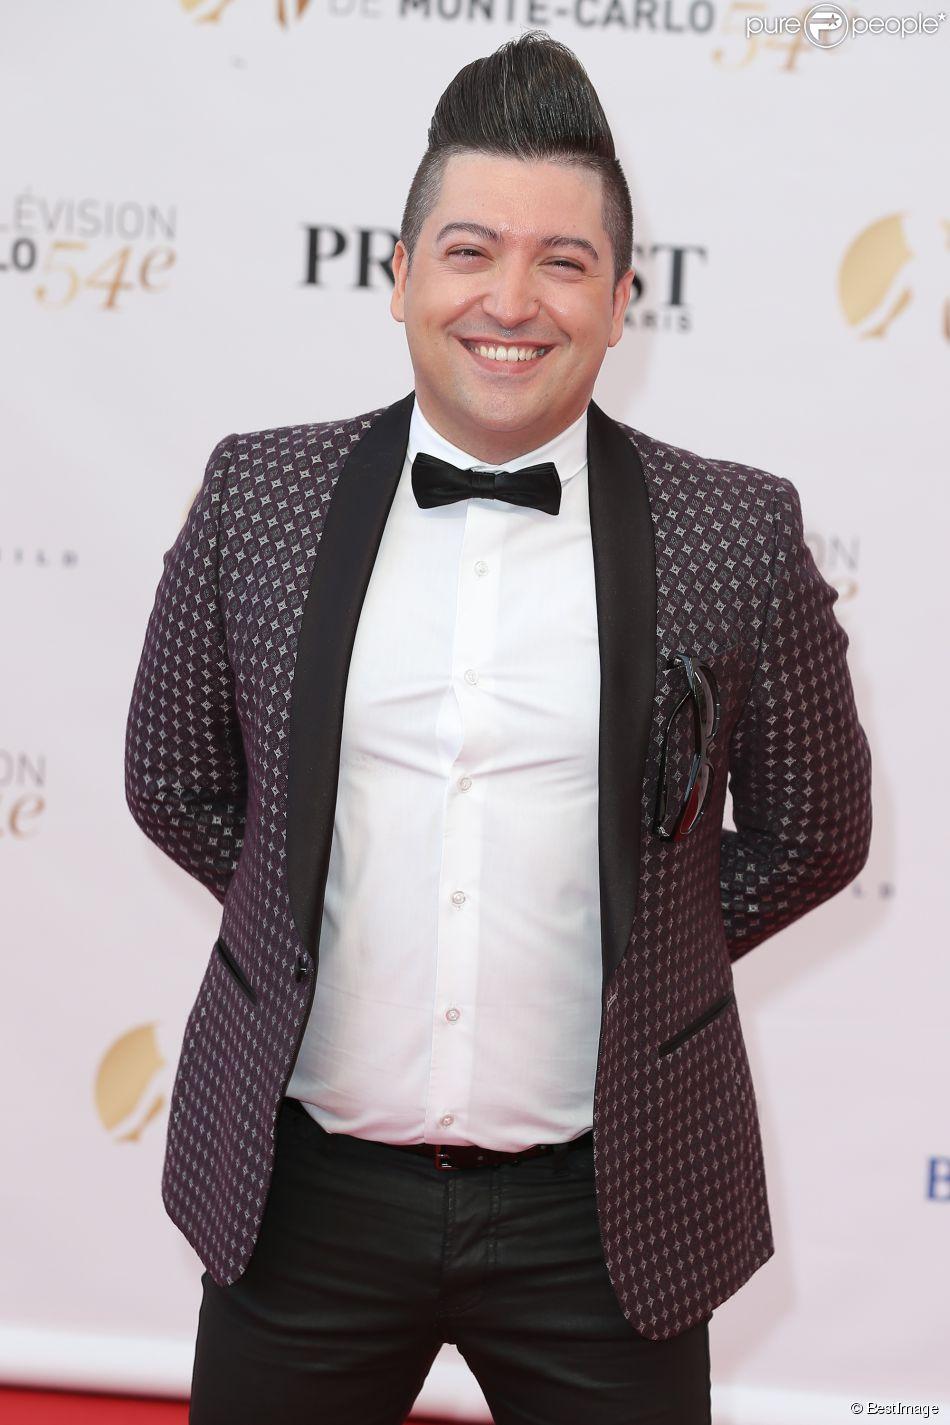 Chris Marques - Cérémonie d'ouverture du 54e Festival de Télévision de Monte-Carlo le 7 Juin 2014.